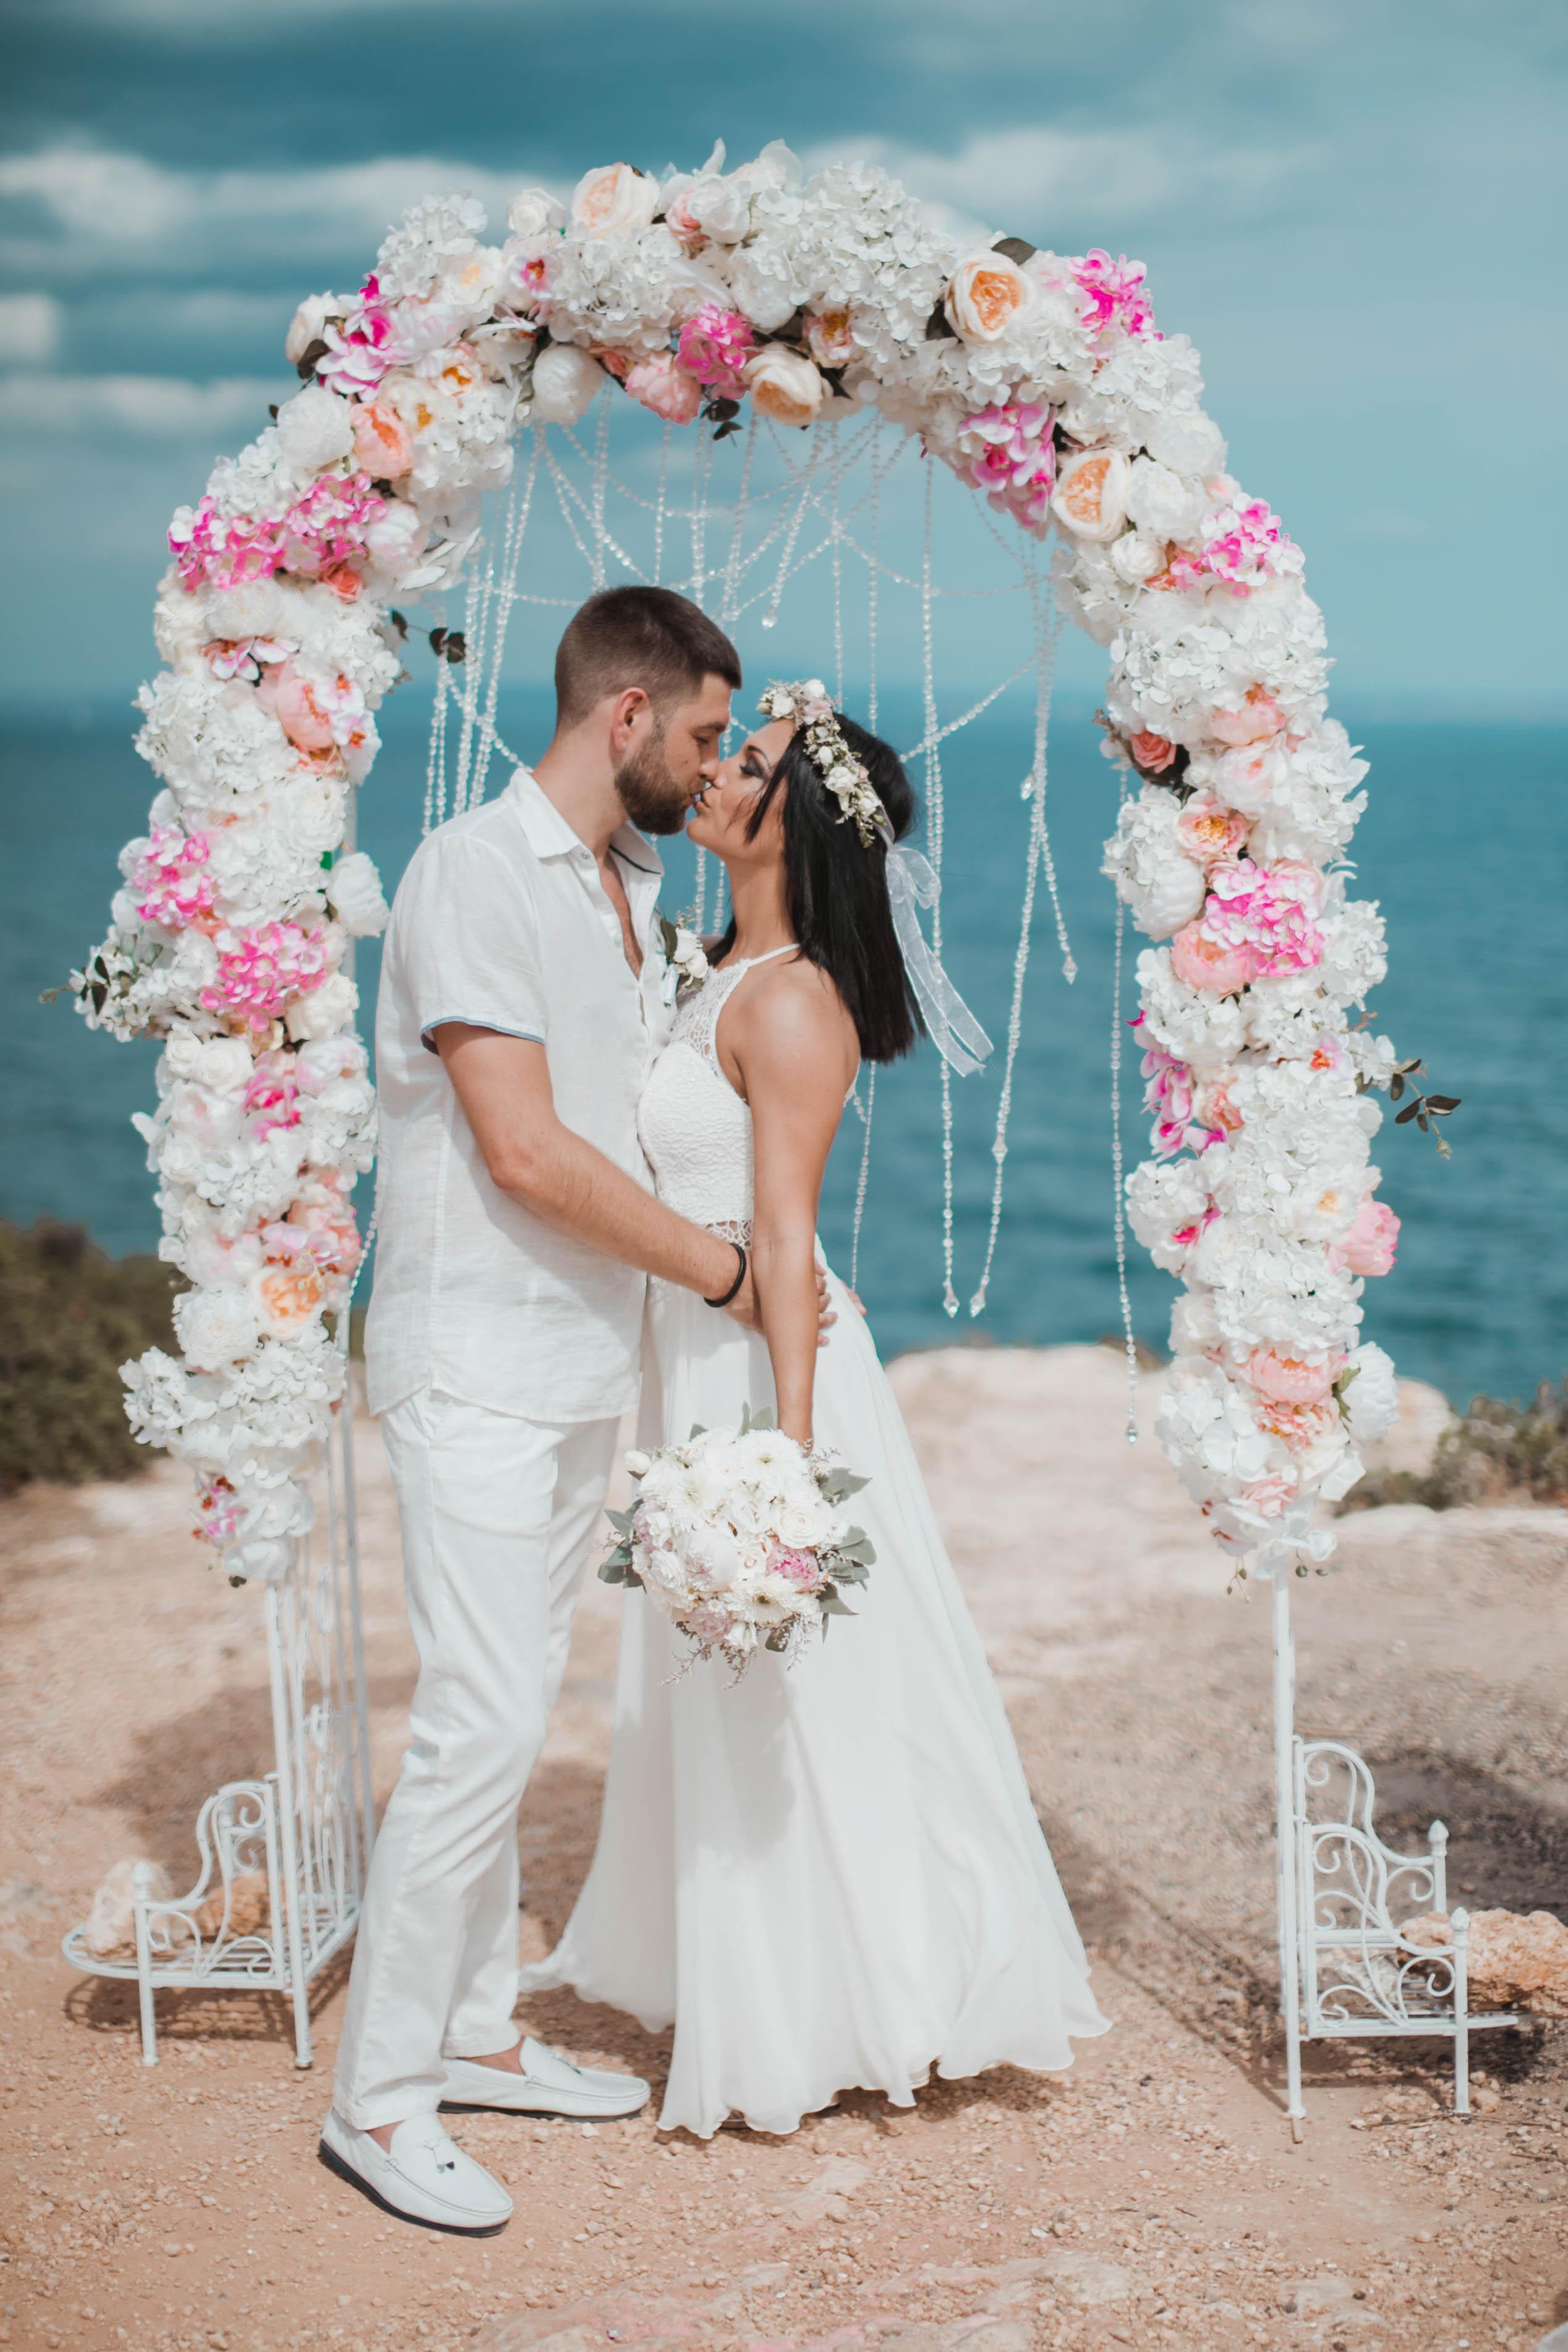 Свадьба Аусма и Николай